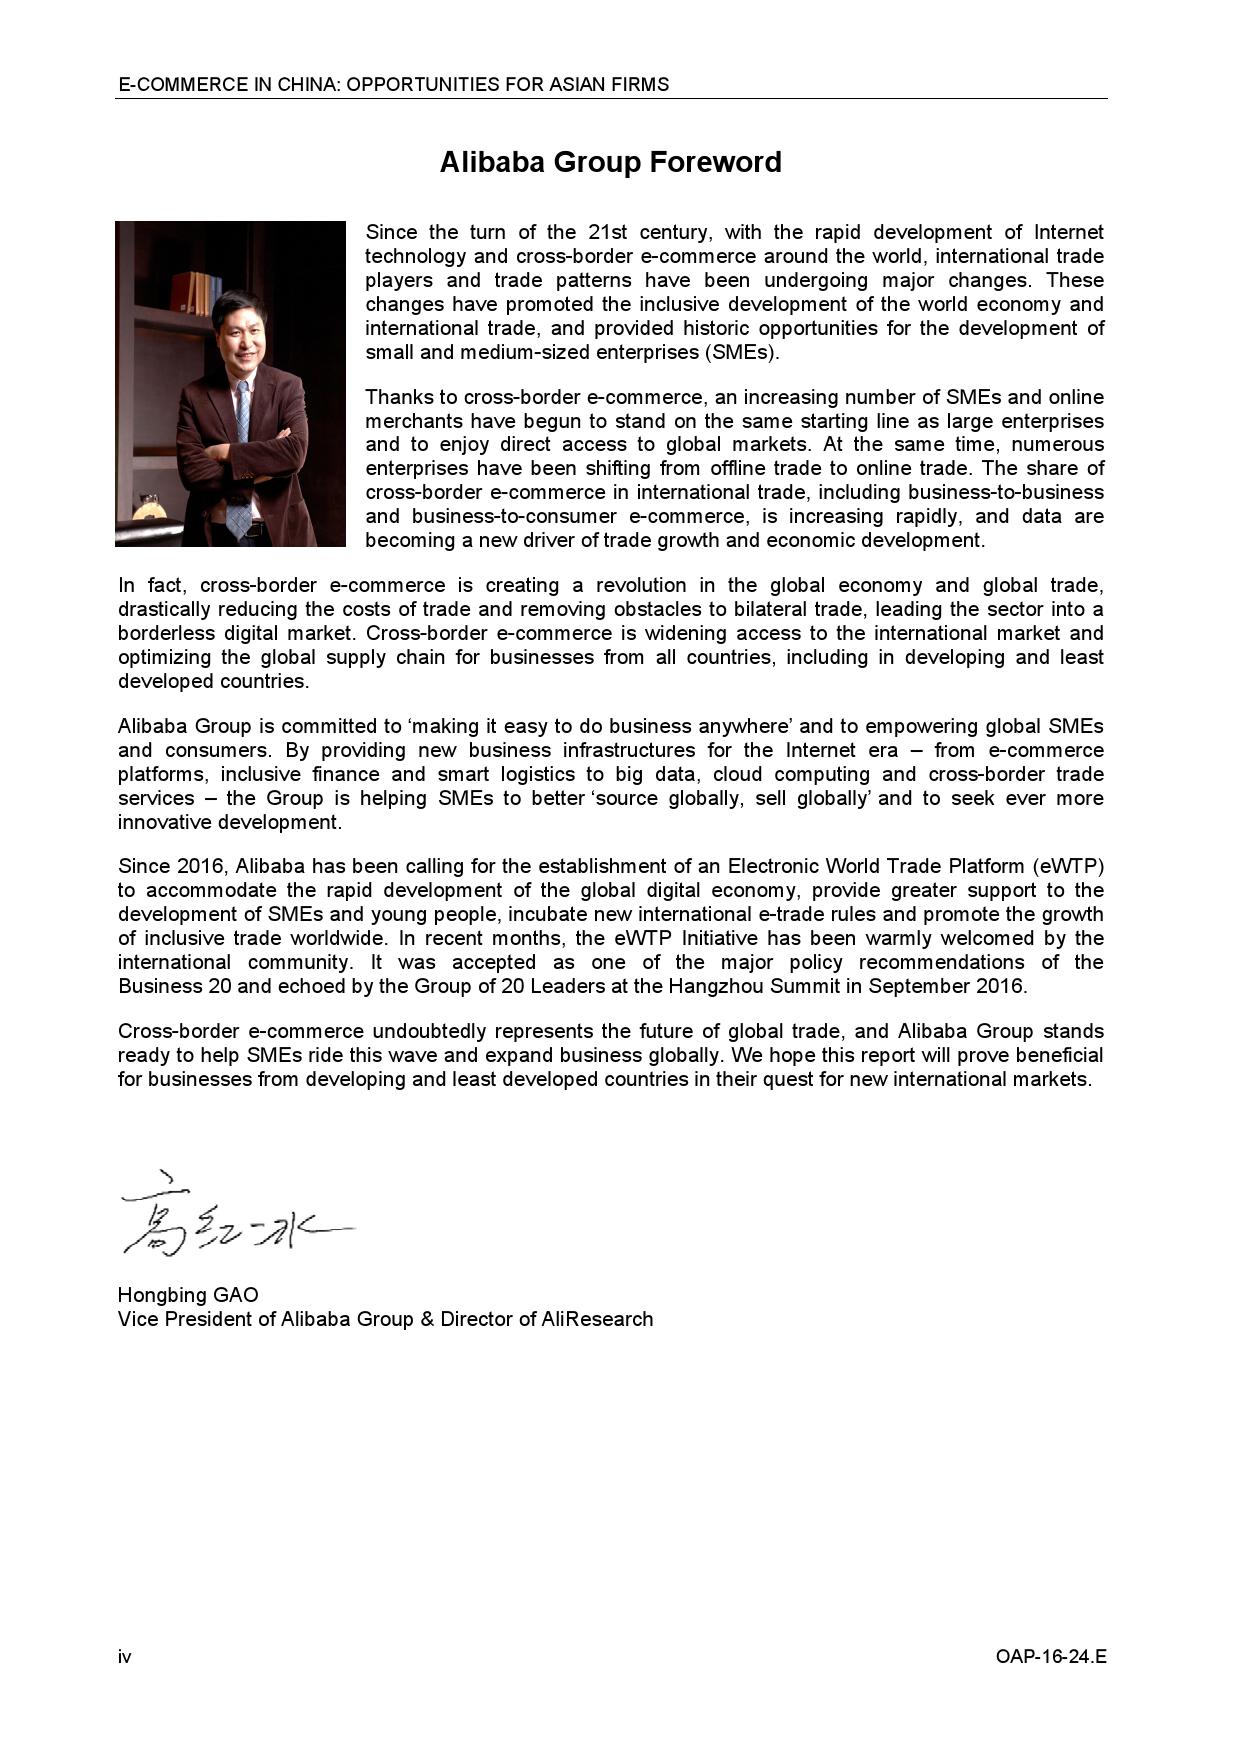 中国电子商务:对亚洲企业的机遇_000006